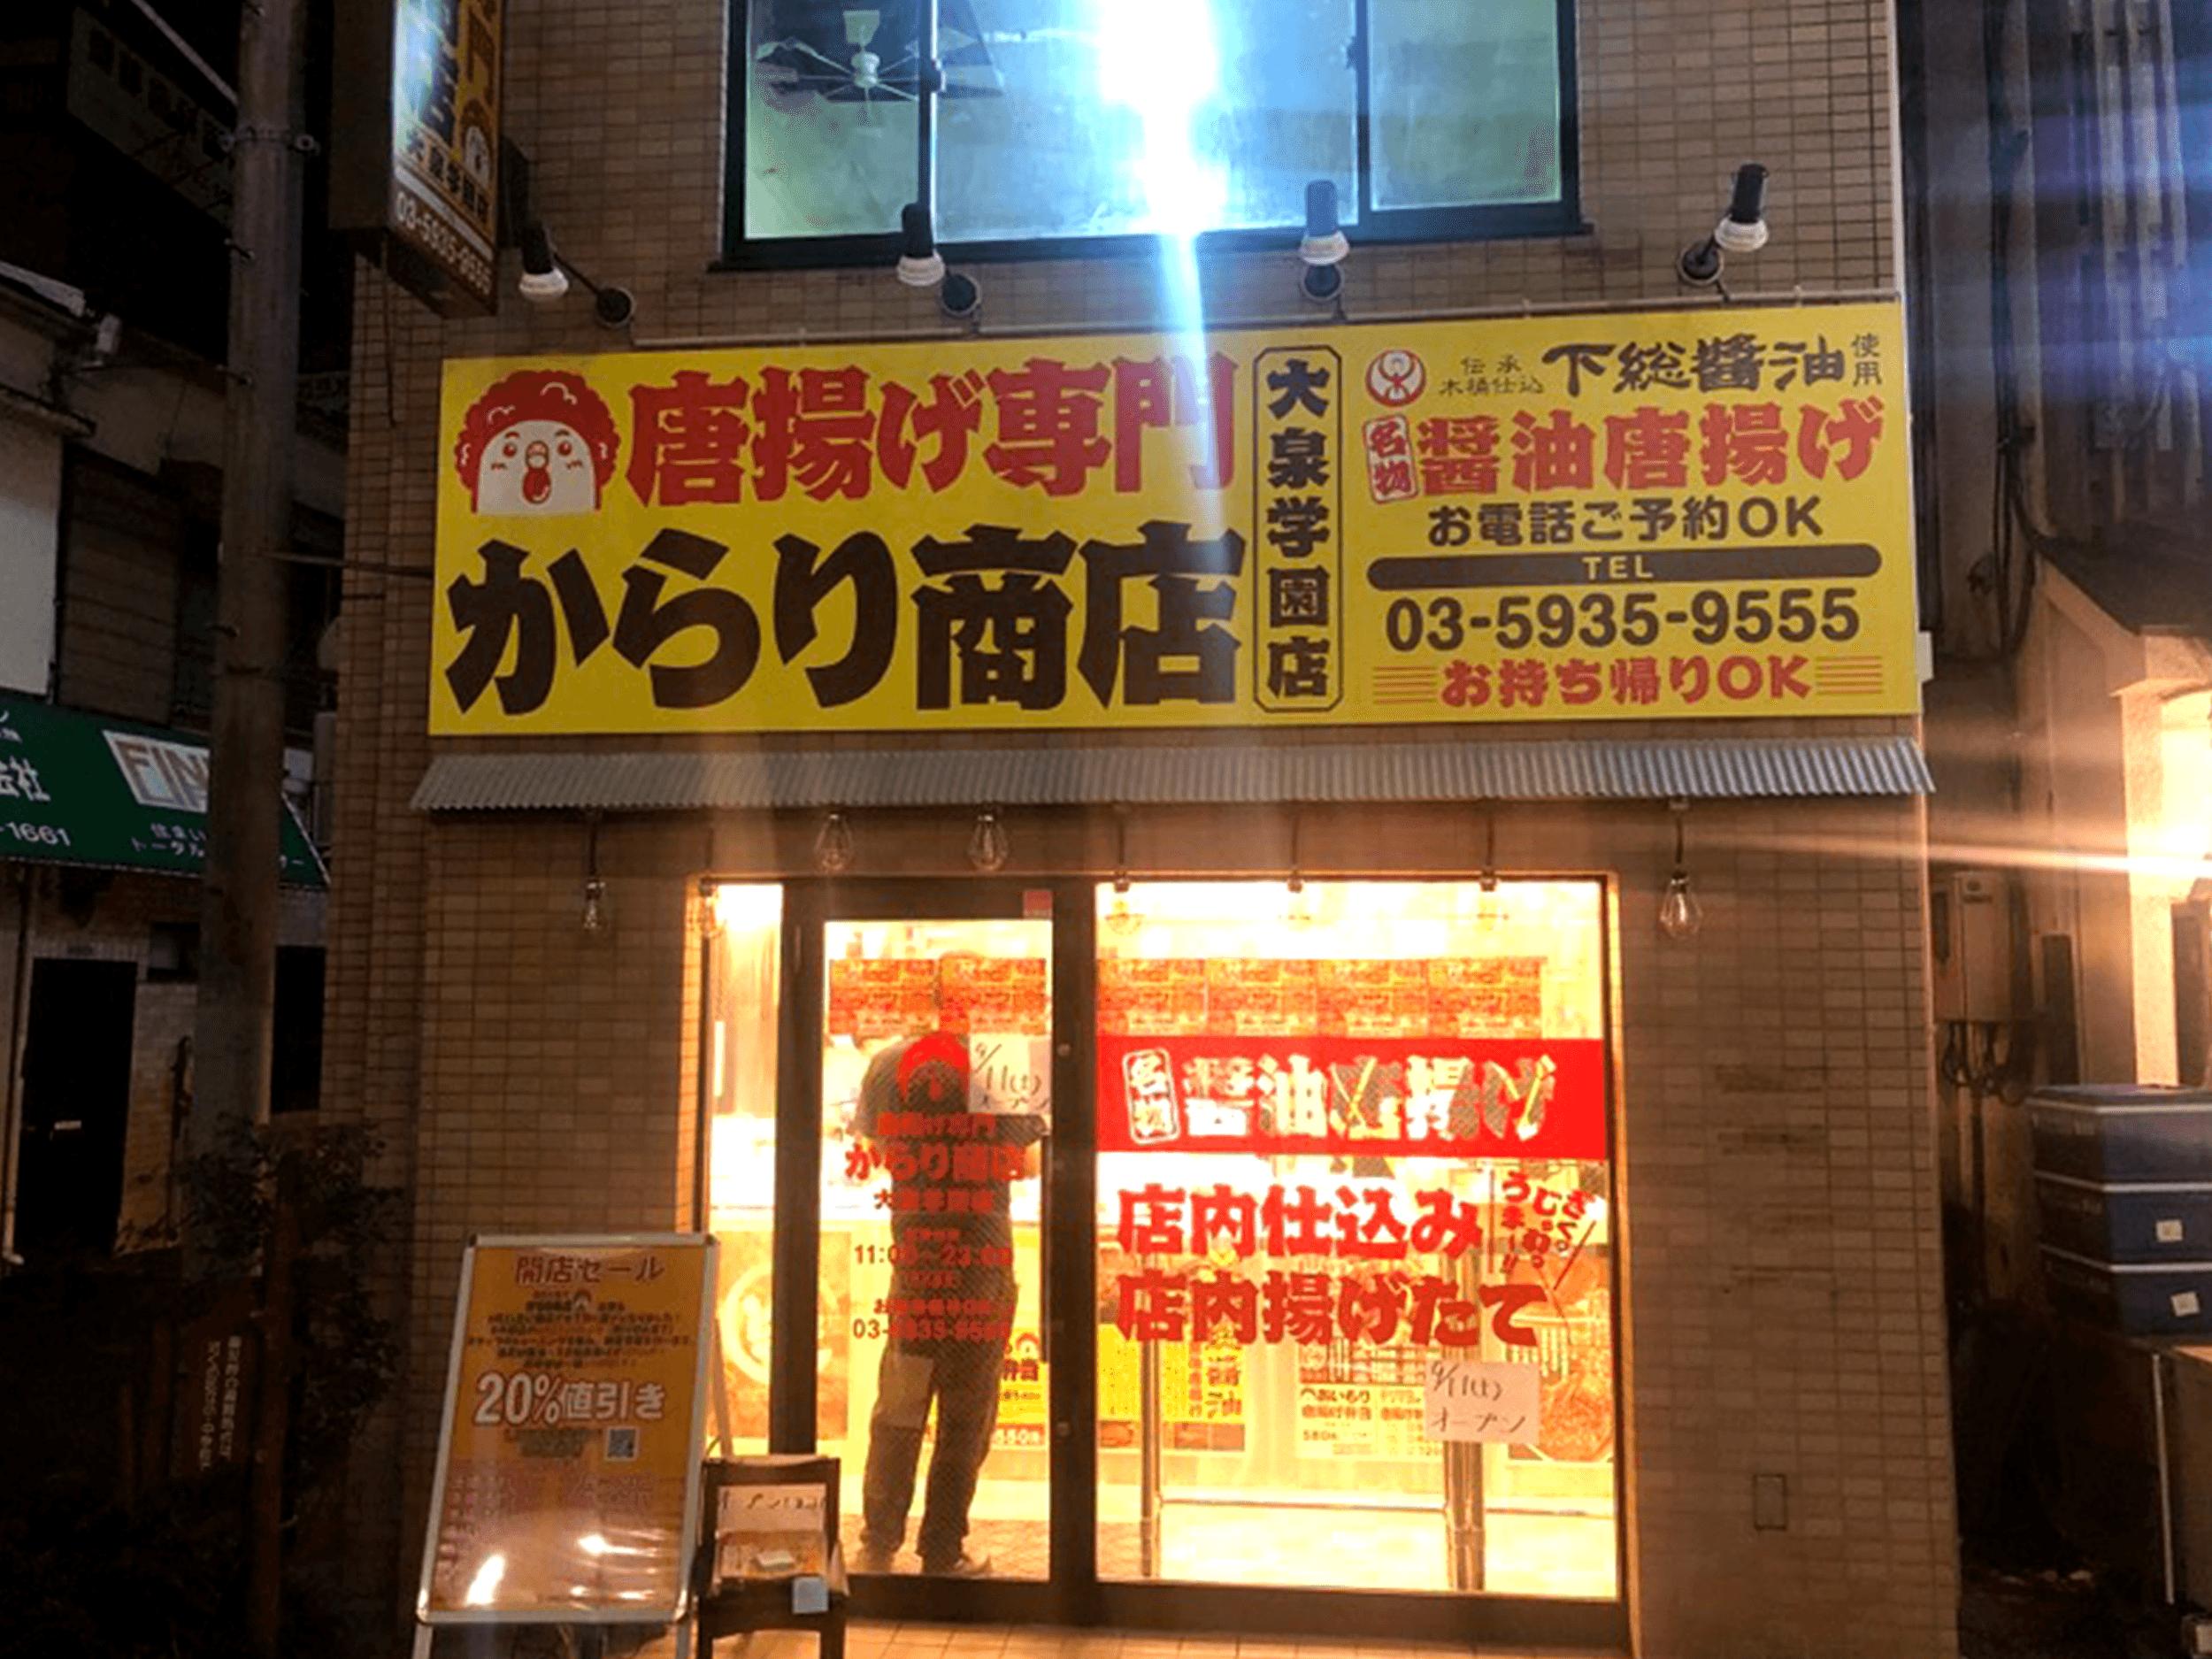 ファサード・壁面看板施工事例写真 東京都 看板デザイン、チラシ、キャラクター作成、ロゴマーク作成まで対応できる看板製作・施工業者は少ないですが、弊社では一貫して対応可能であります